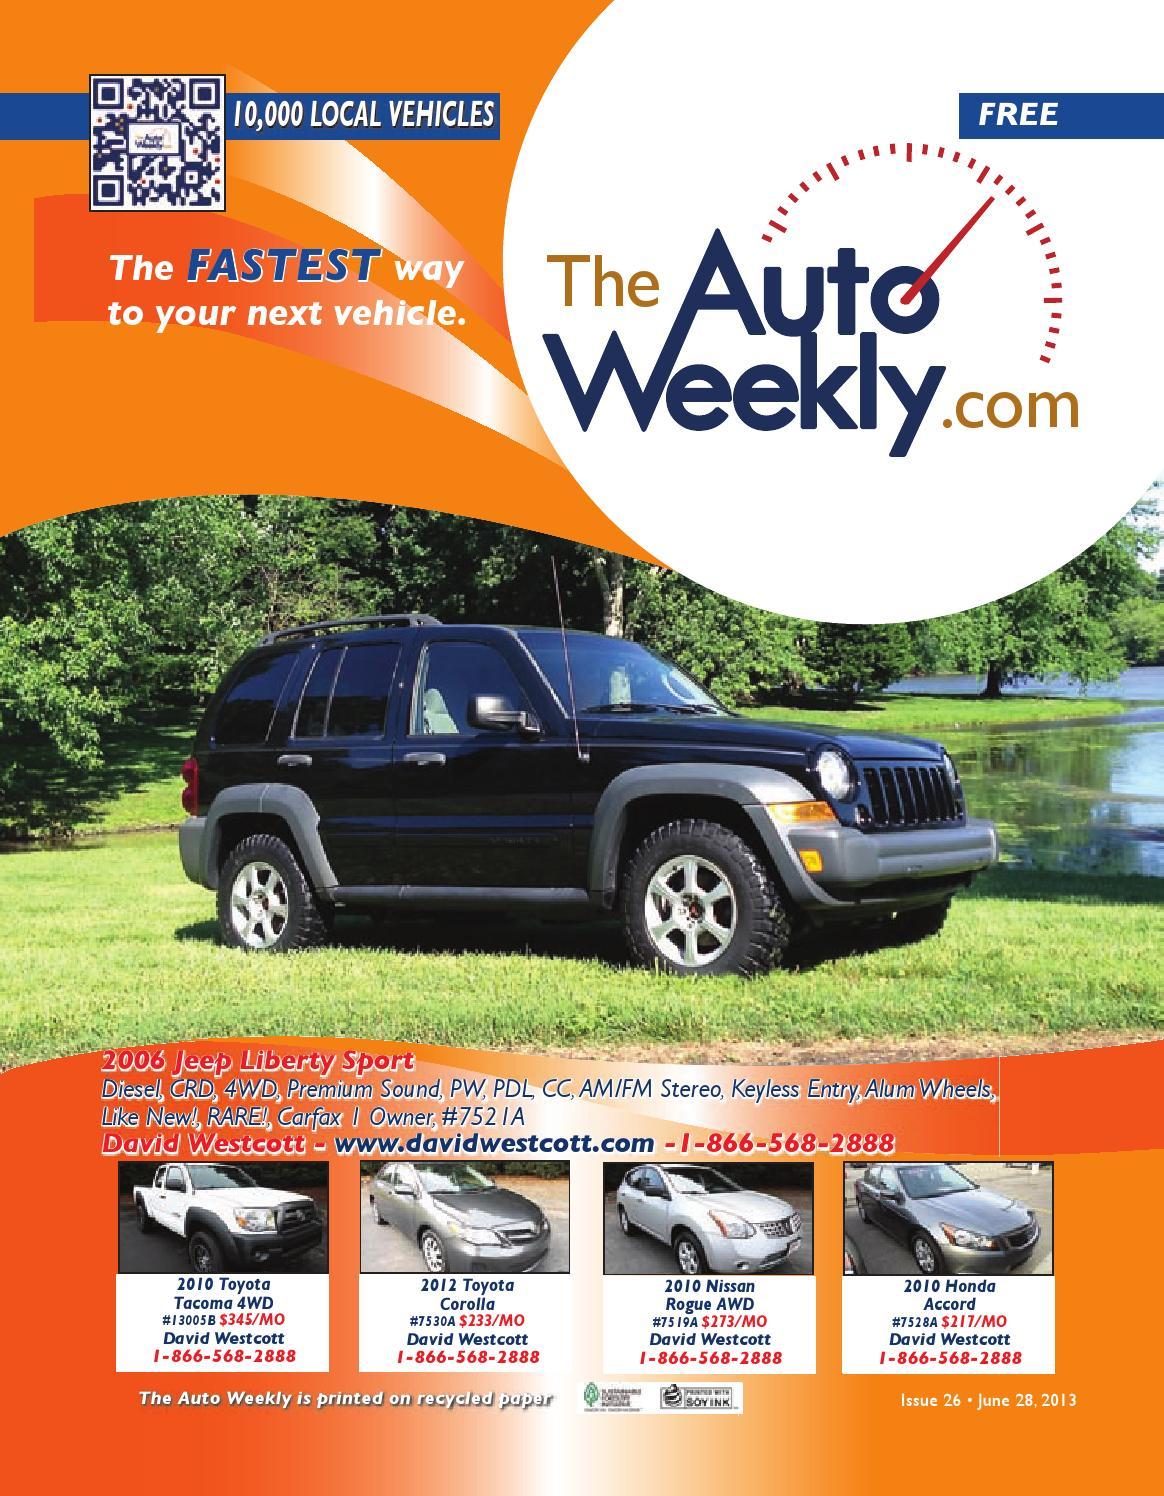 Issue 1326b triad edition by The Auto Weekly - issuu